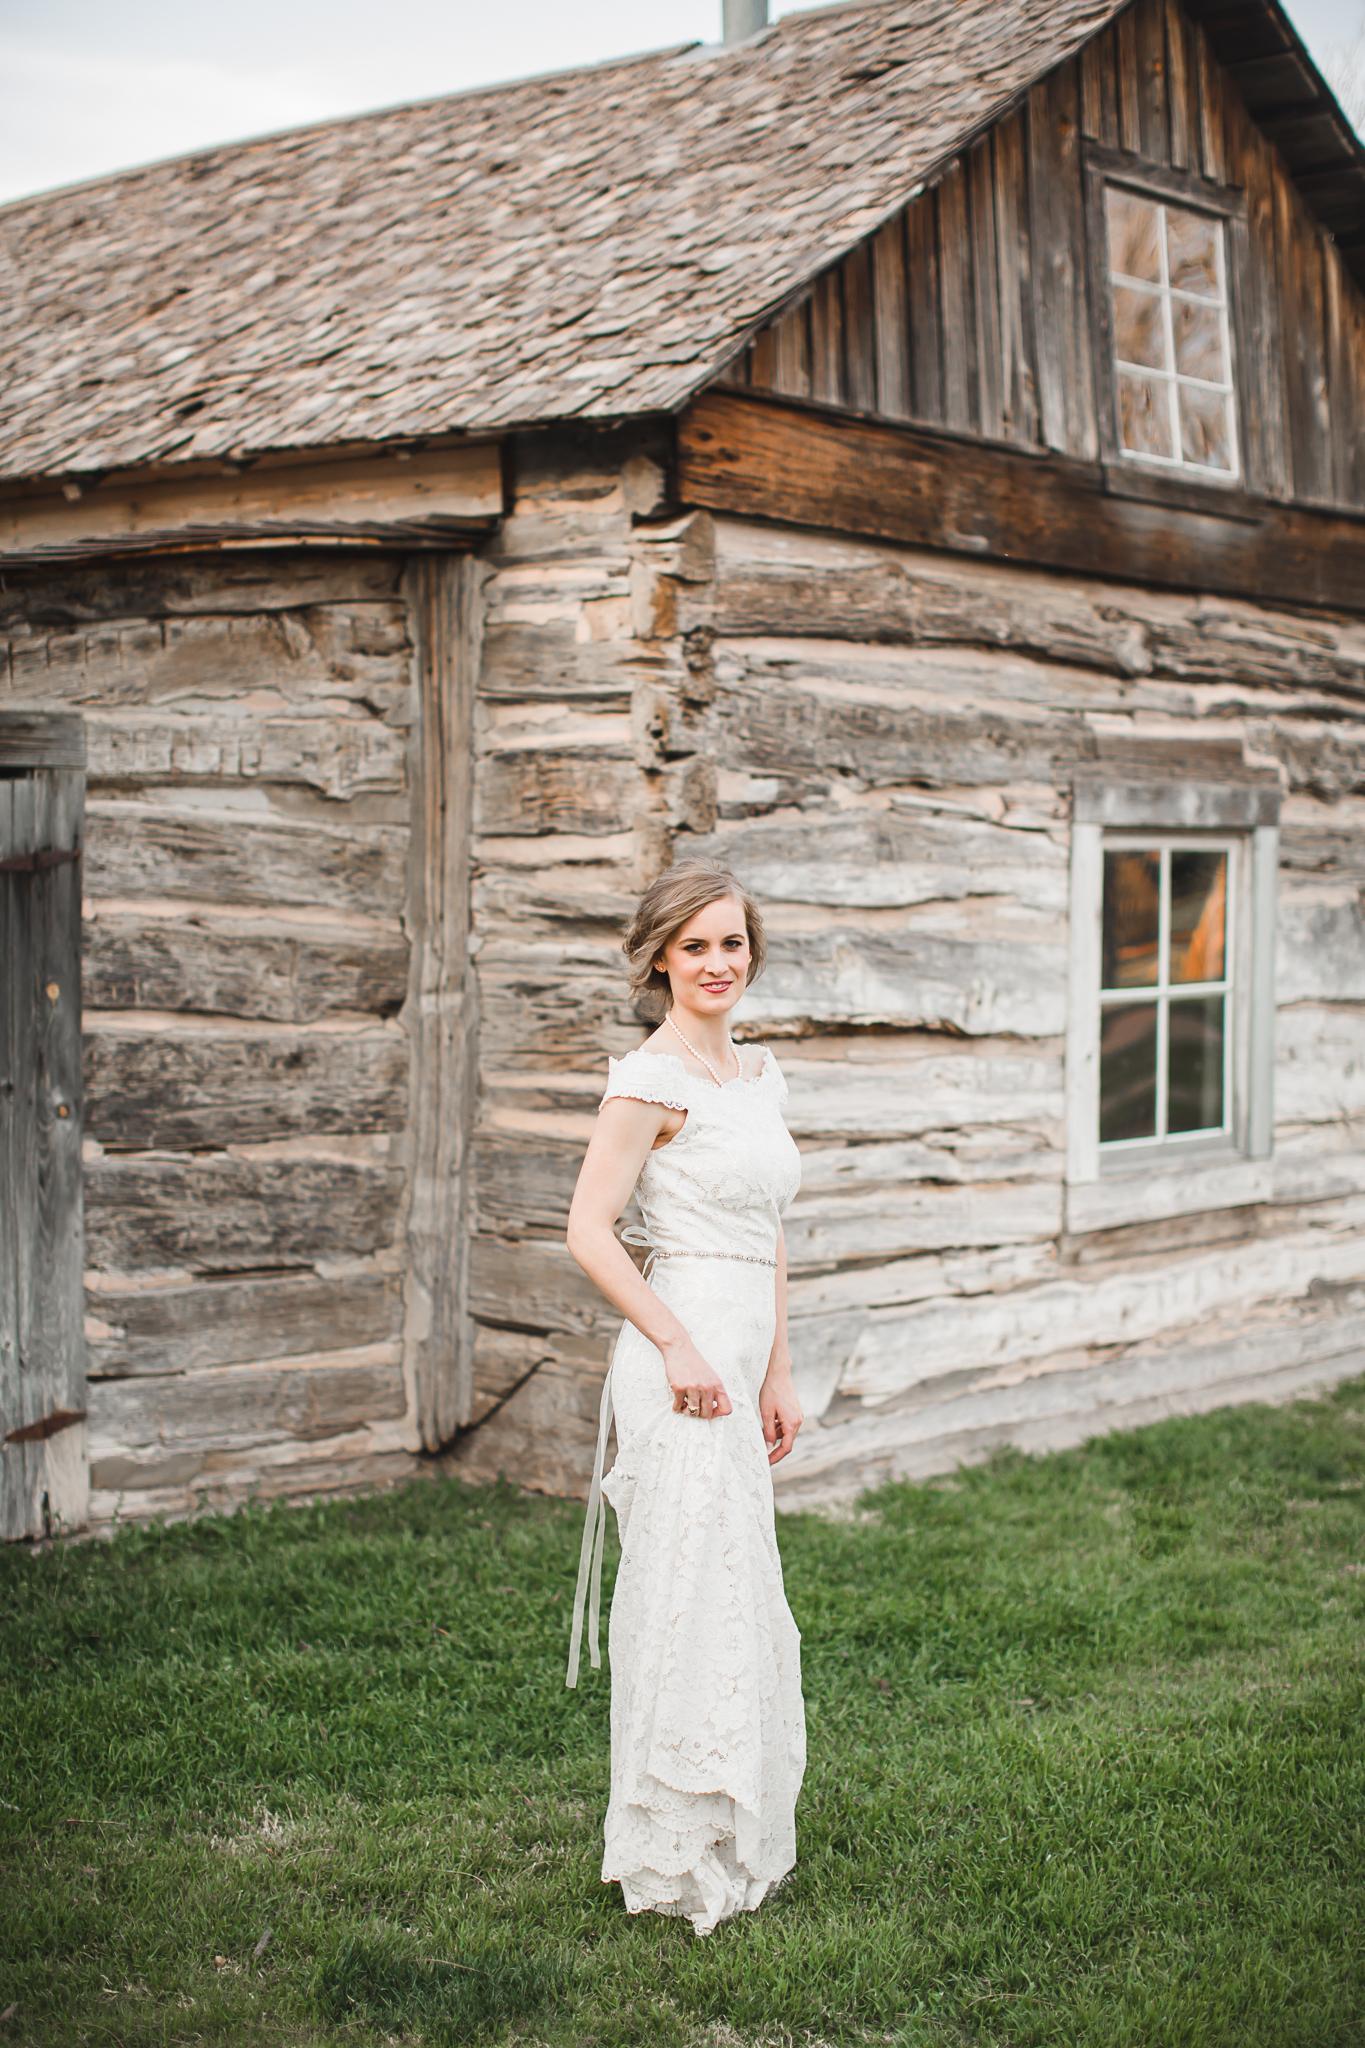 alyssa bridal blog-10.jpg